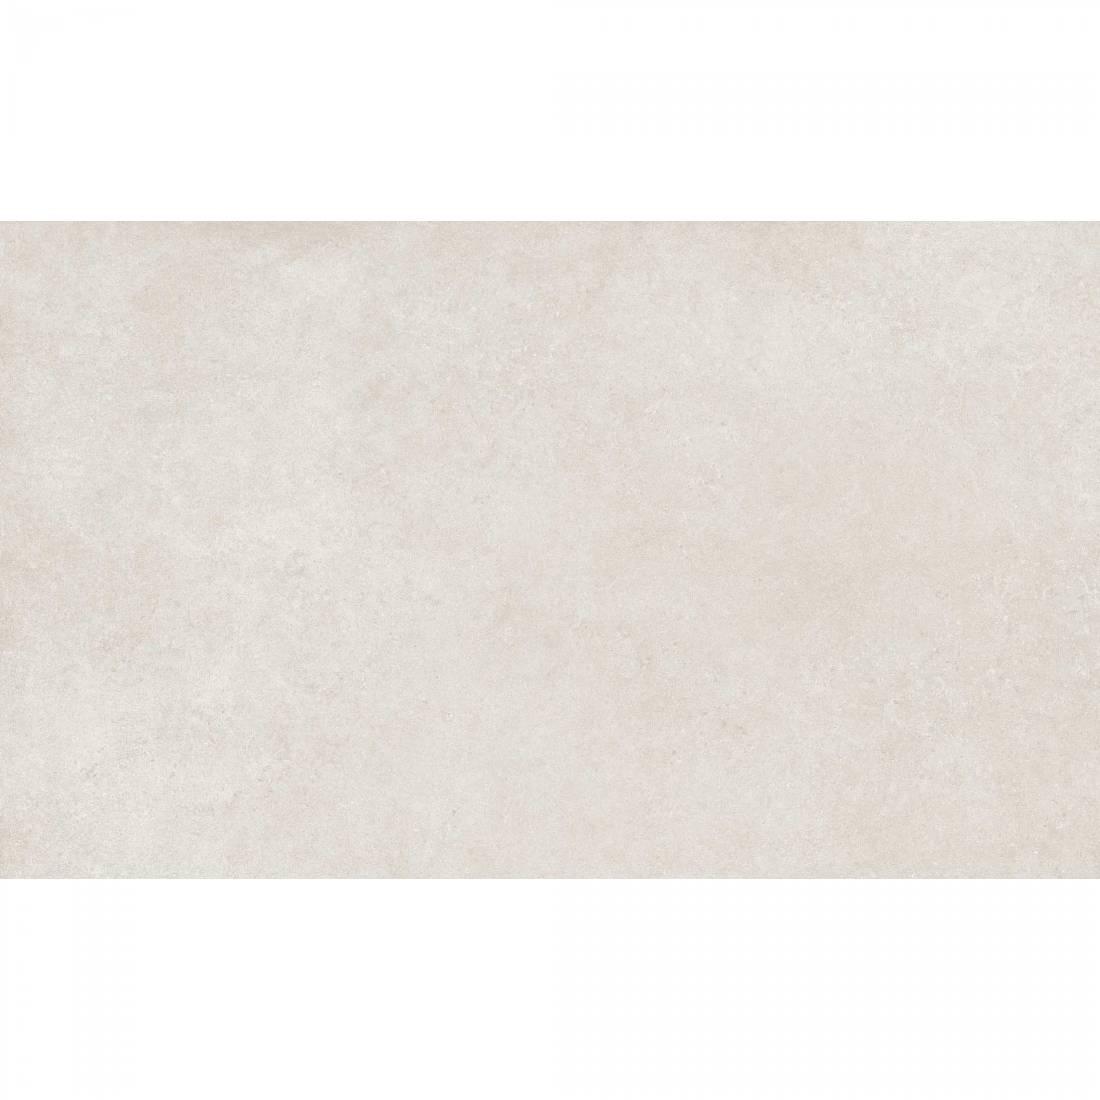 Belgravia 33.3x55 Marfil Bone Matt 1